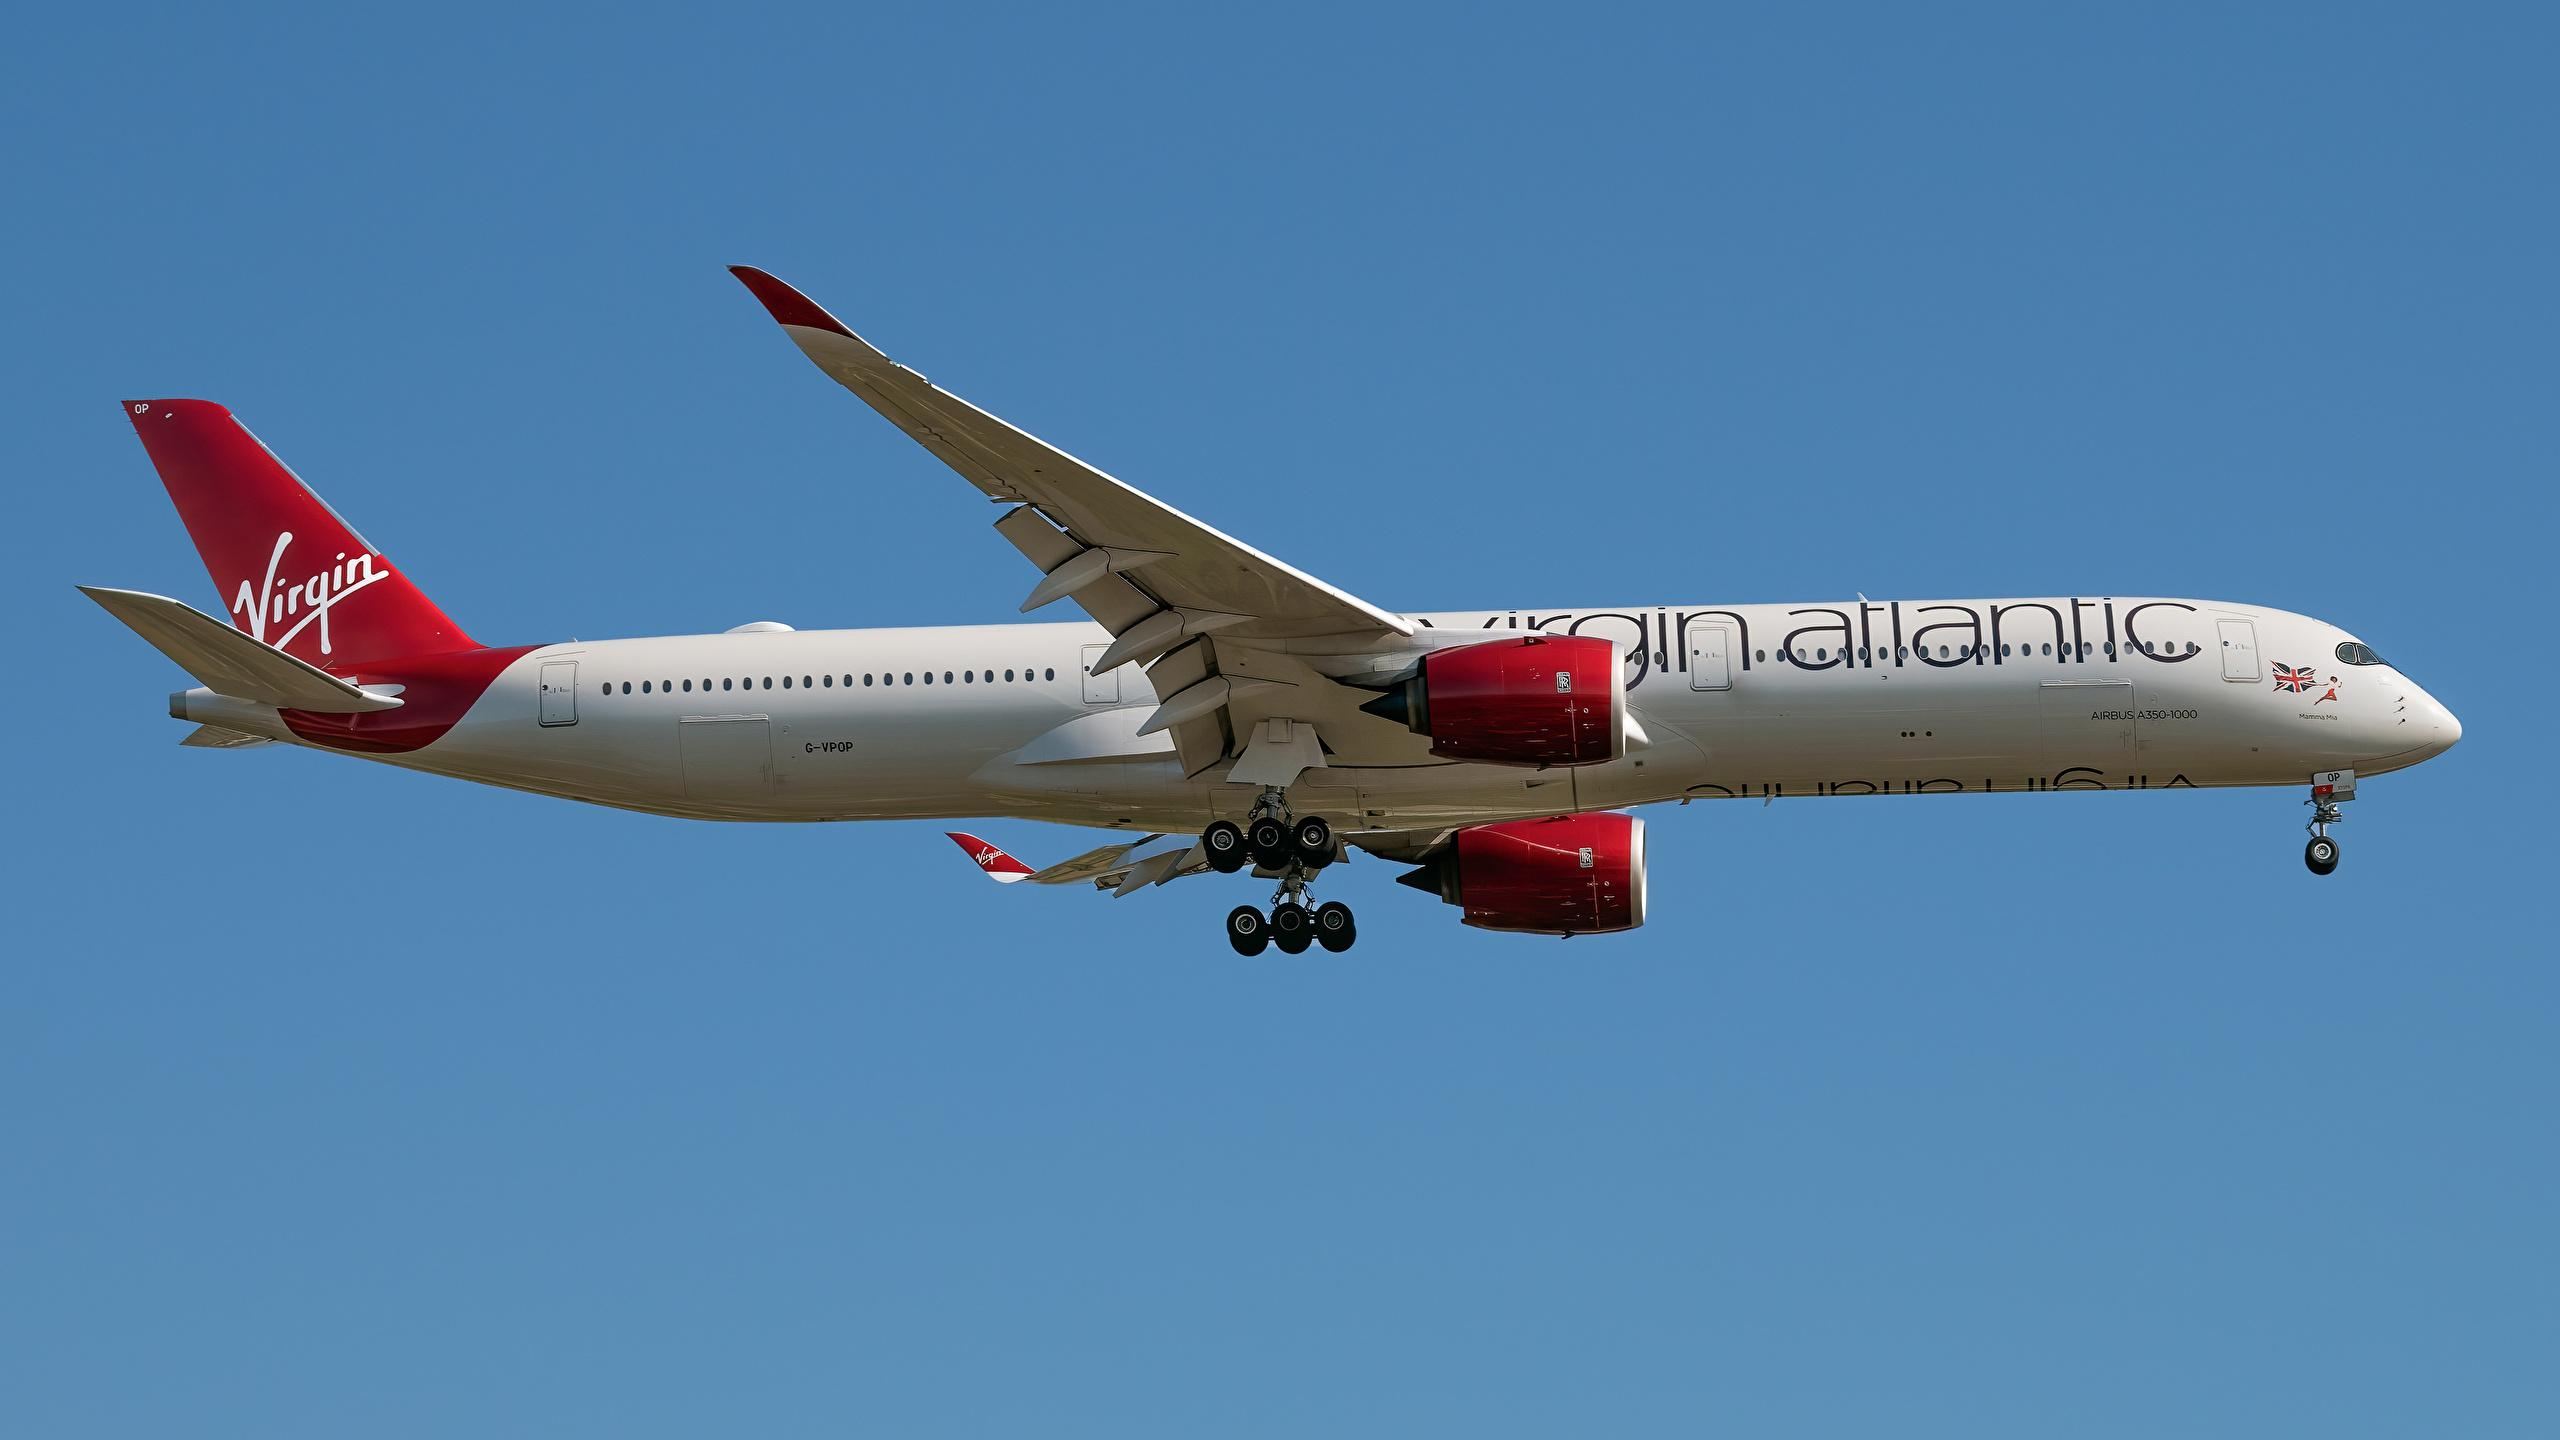 Фотографии Эйрбас Самолеты Пассажирские Самолеты A350-1000, Virgin Atlantic Сбоку Авиация 2560x1440 Airbus